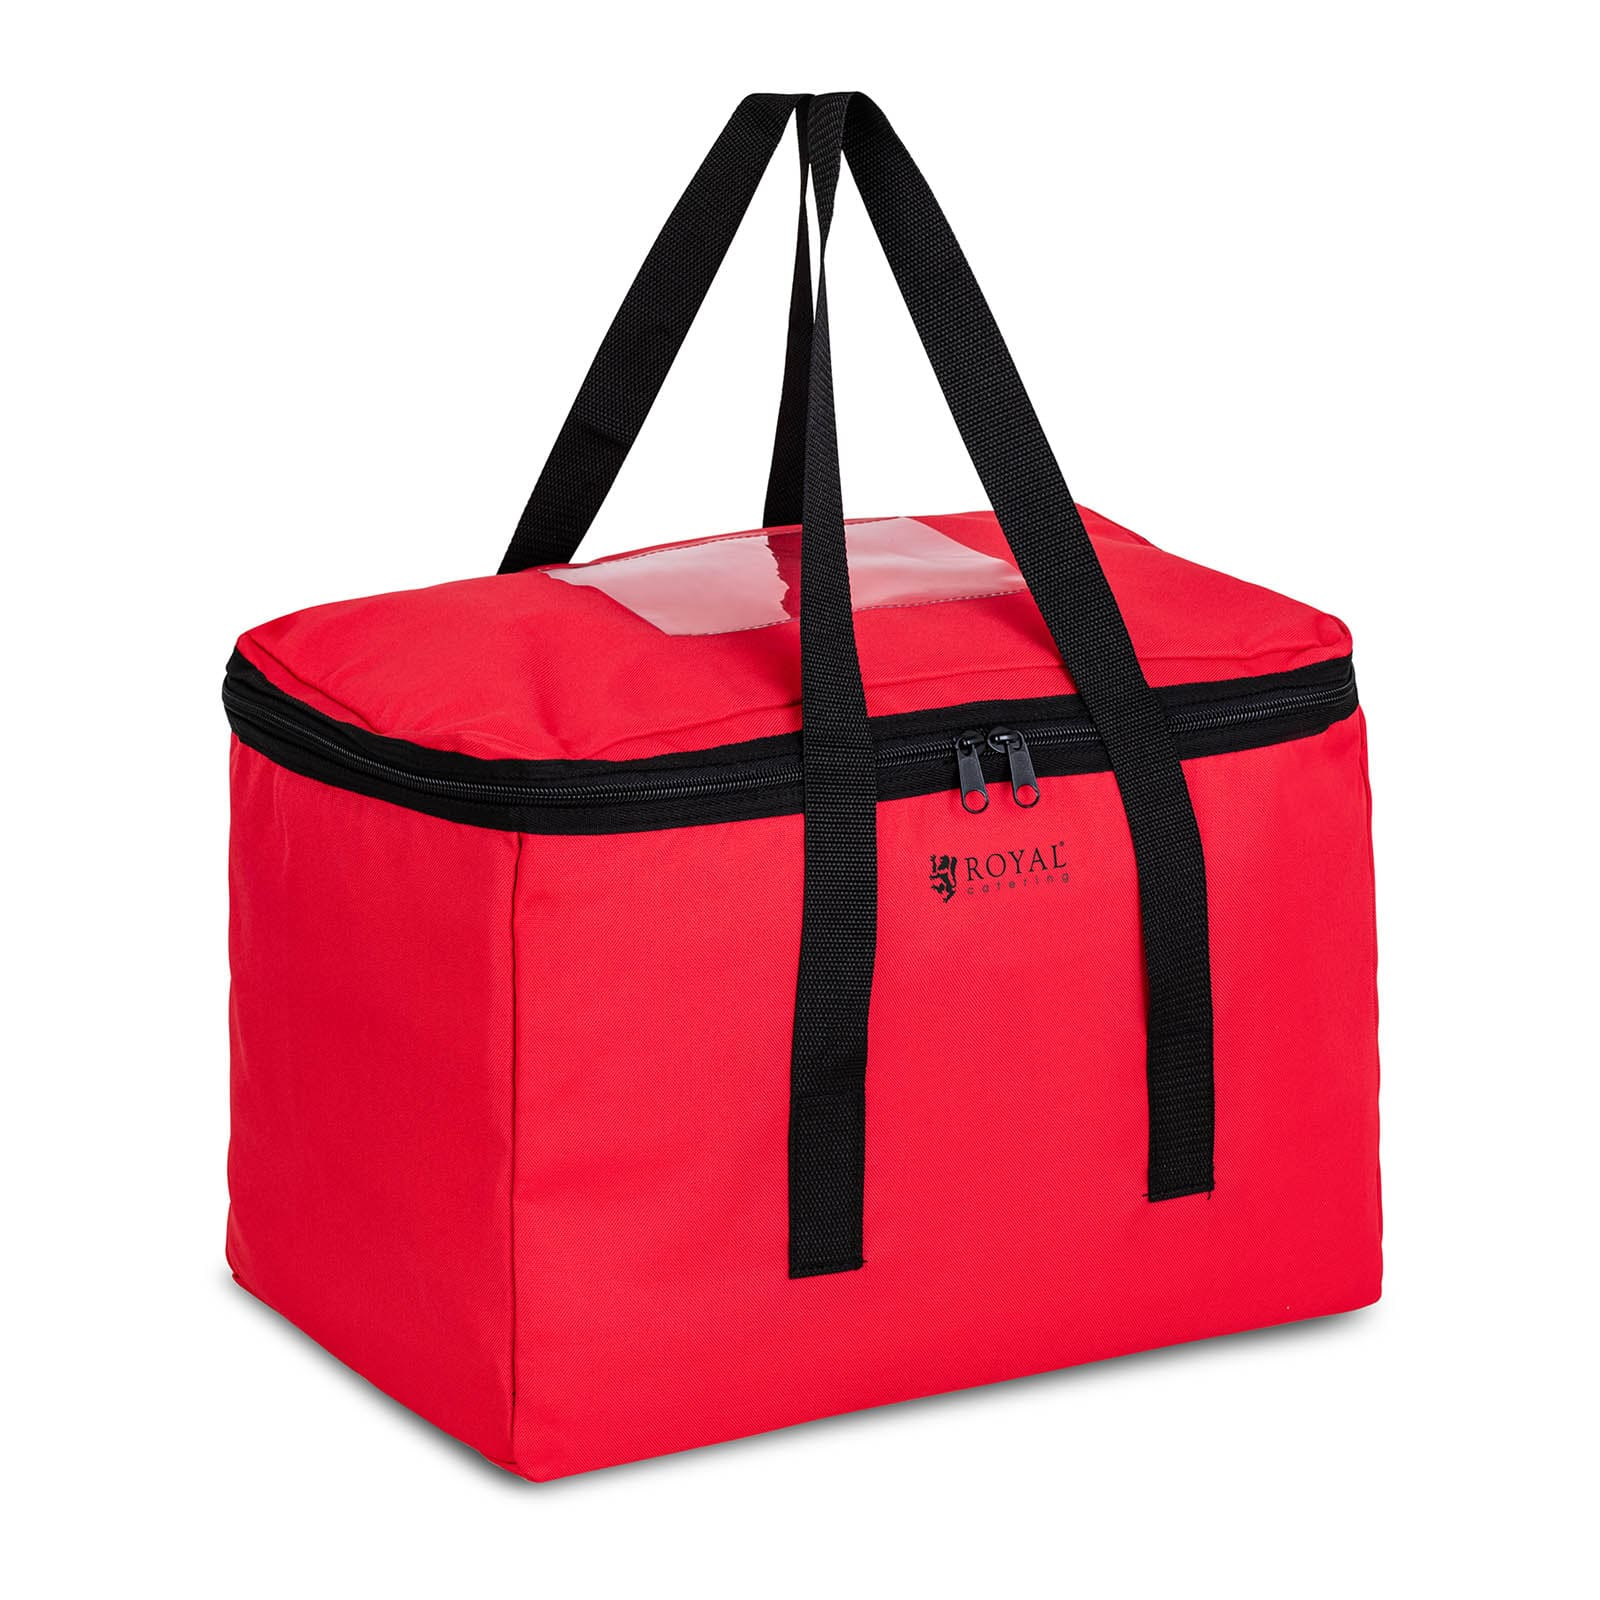 Lieferboxen und -taschen